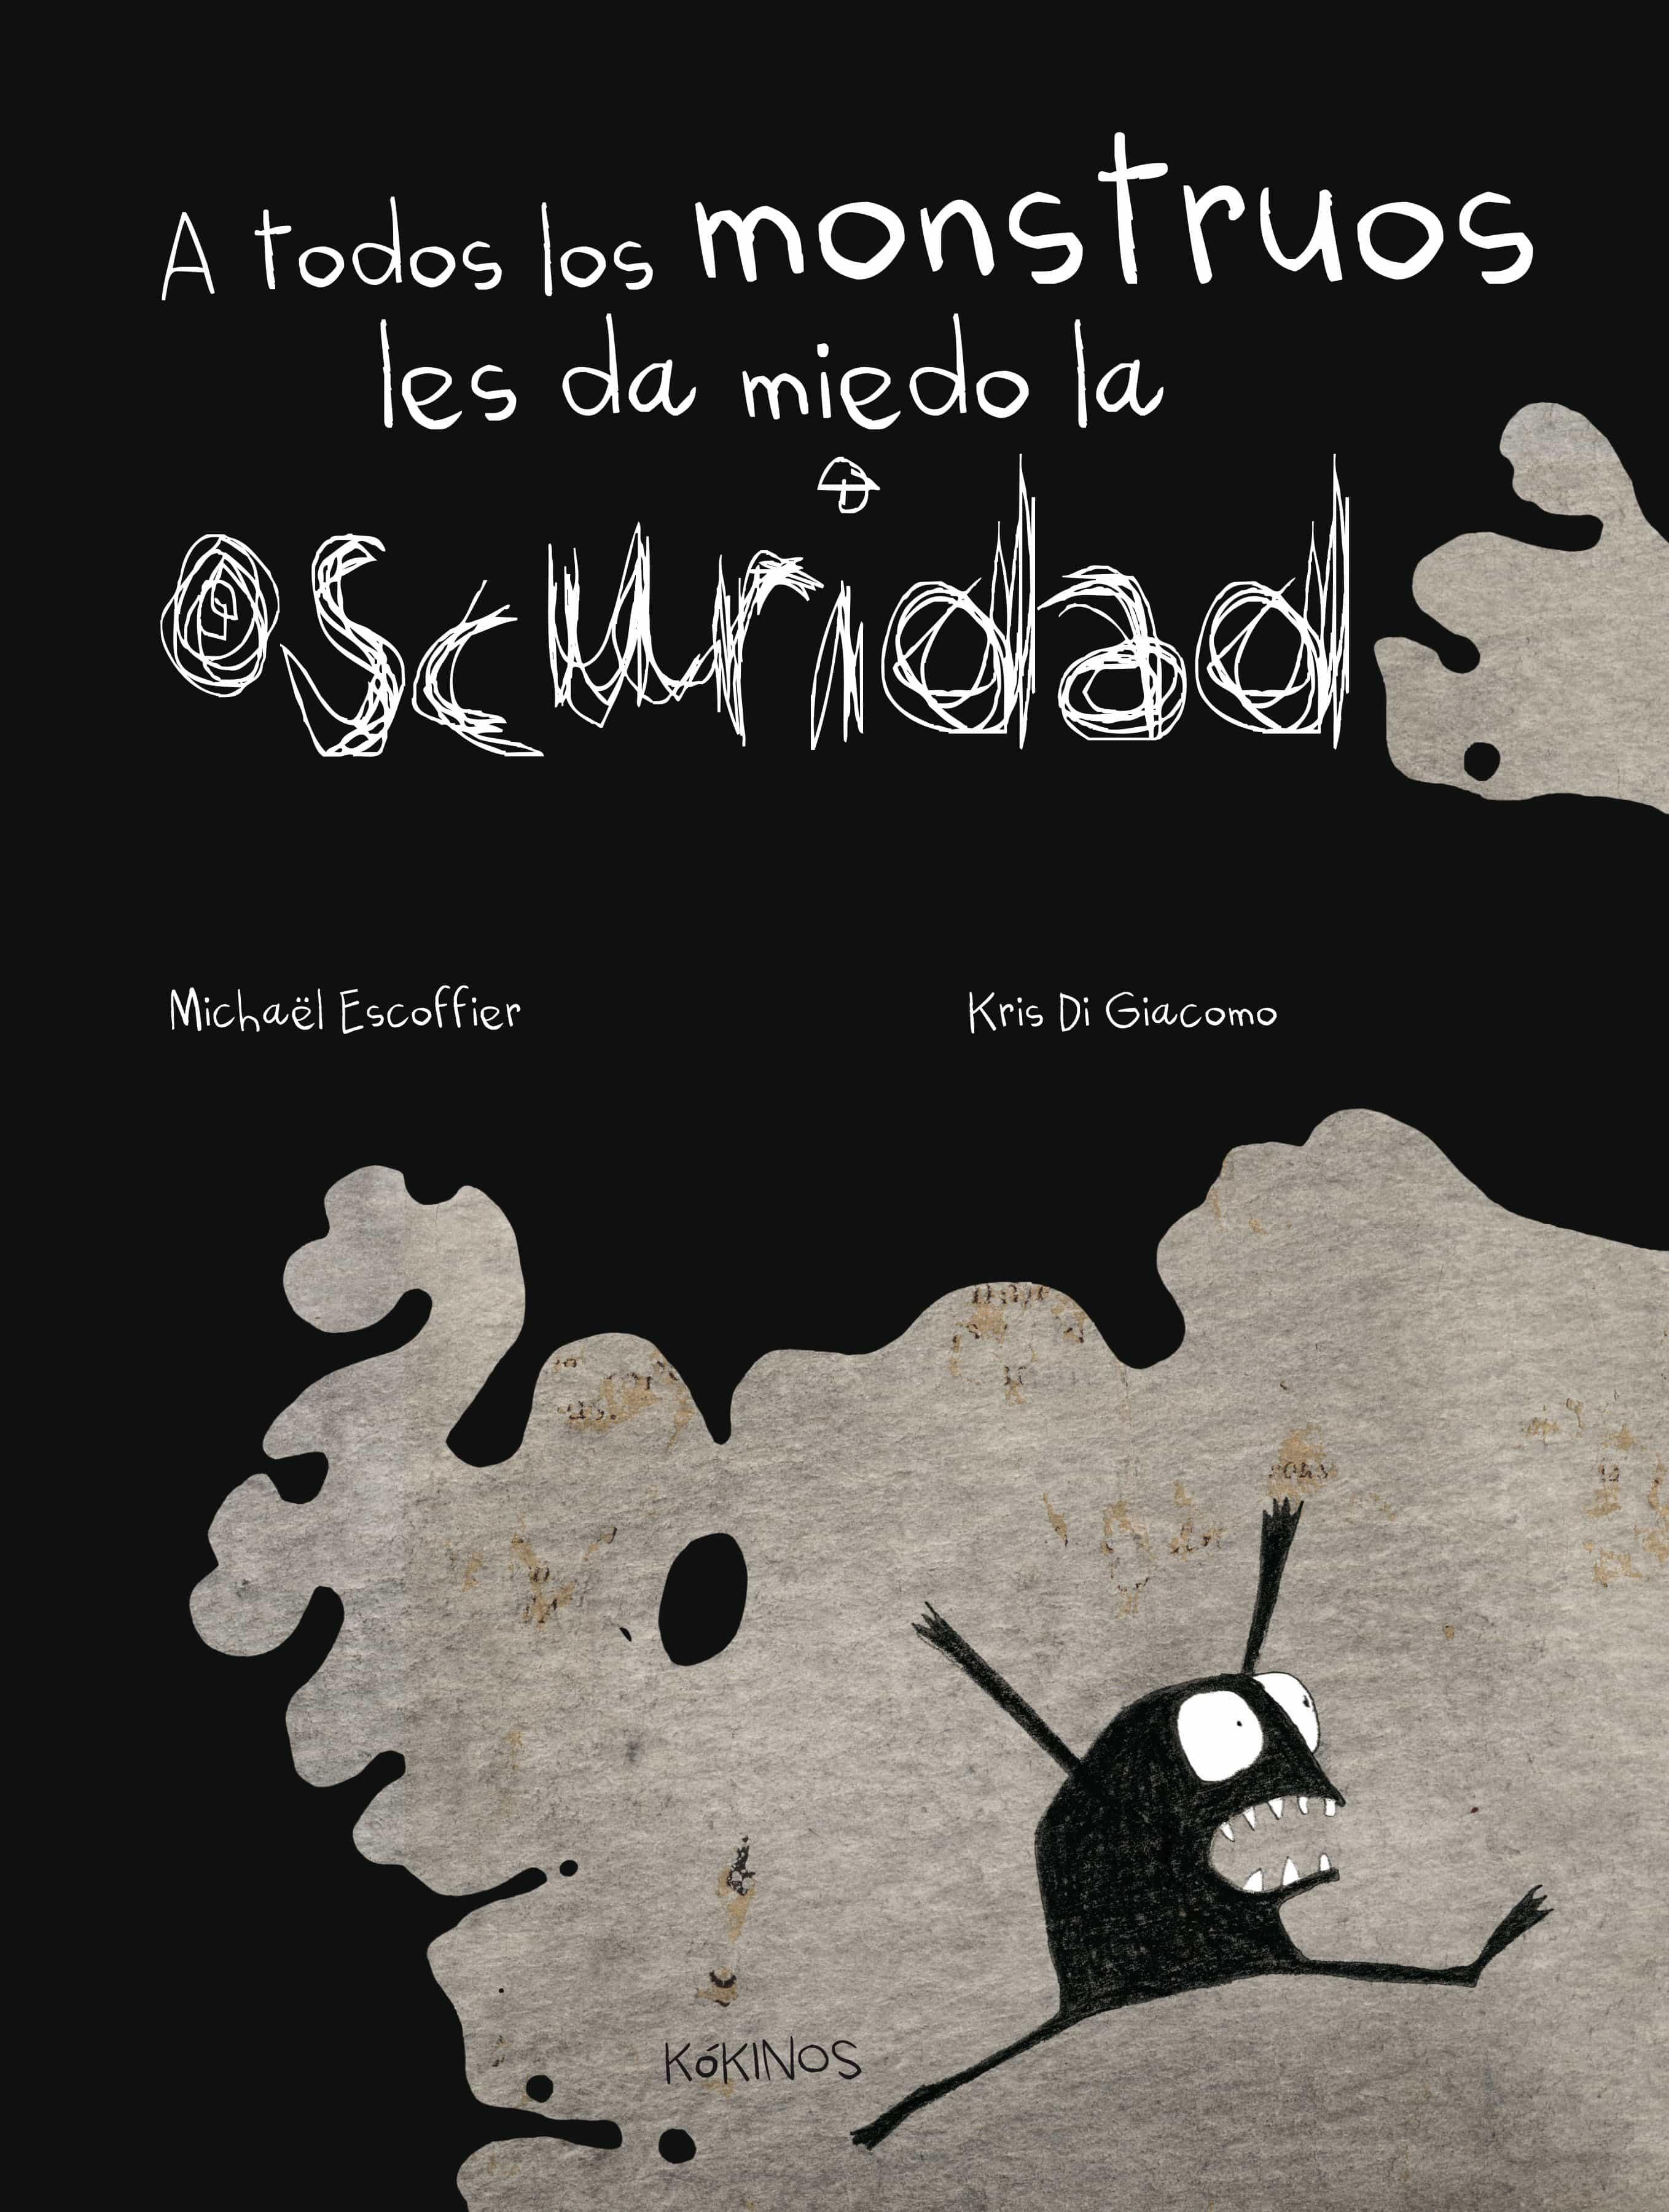 A todos los monstruos les da miedo la oscuridad de Michaël Escoffier y Kris Di Giacomo